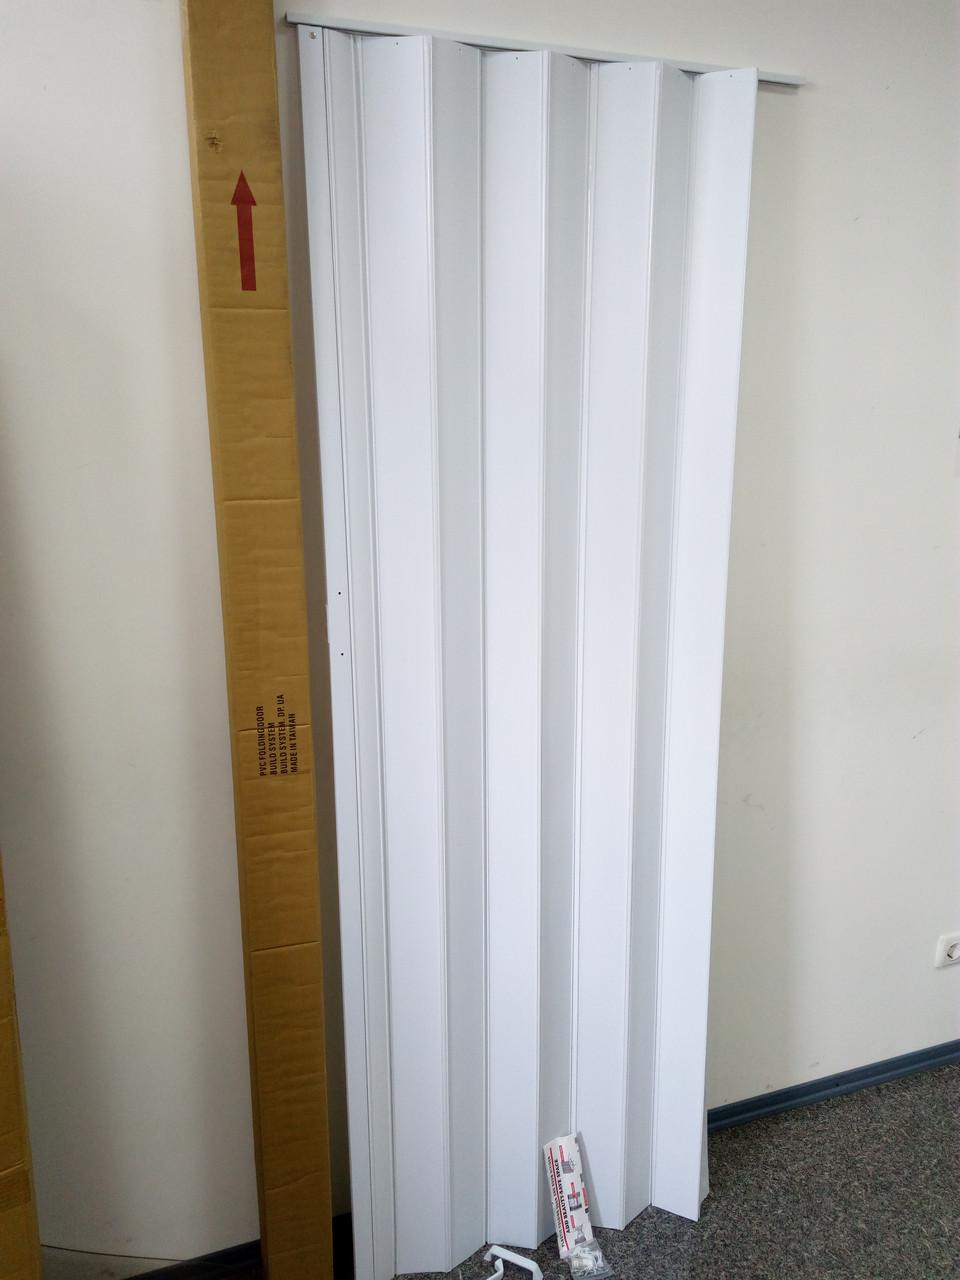 Ширма - гармошка белая 820х2030х0,6 мм гармошка раздвижная межкомнатная пластиковая глухая - фото 1